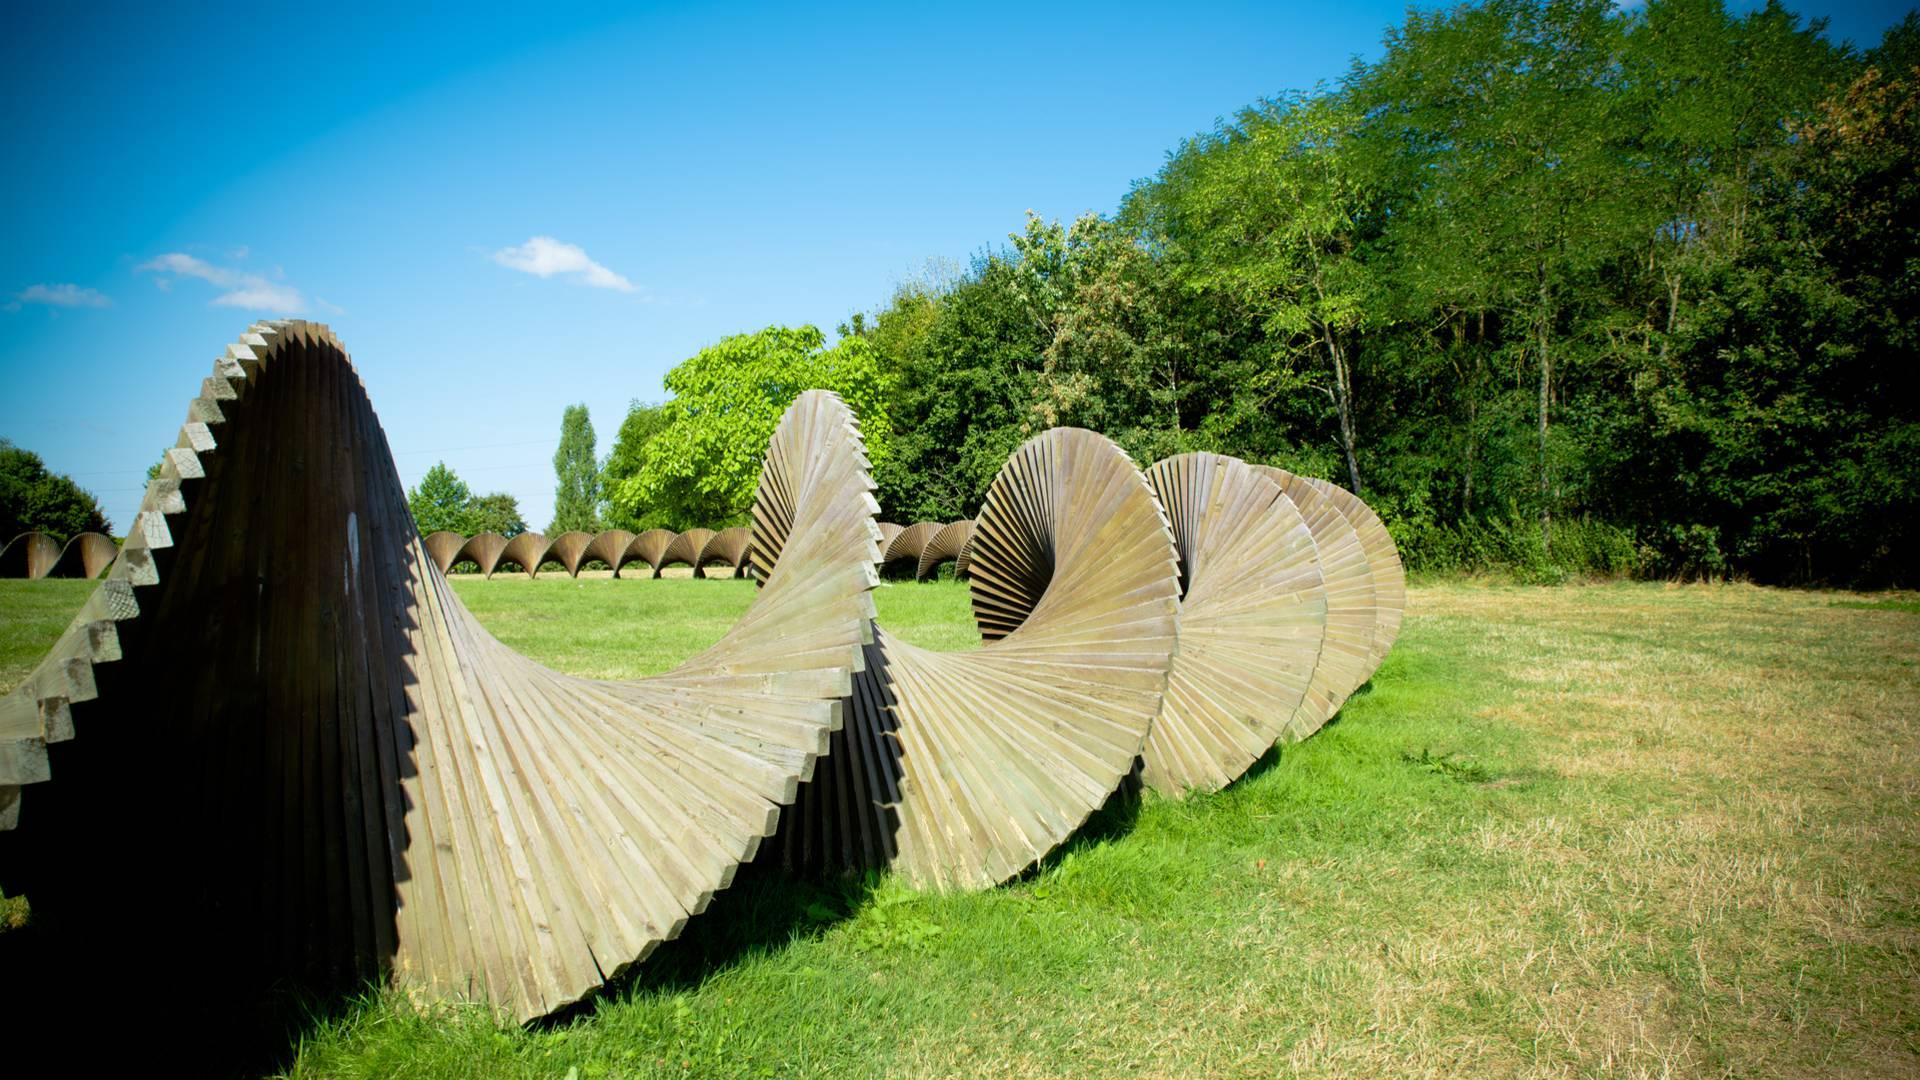 Le Cercle infini, sculpture monumentale de Marc de Roover, à l'entrée du parc Maugrand, Montceau-les-Mines. © Franck Juillot.